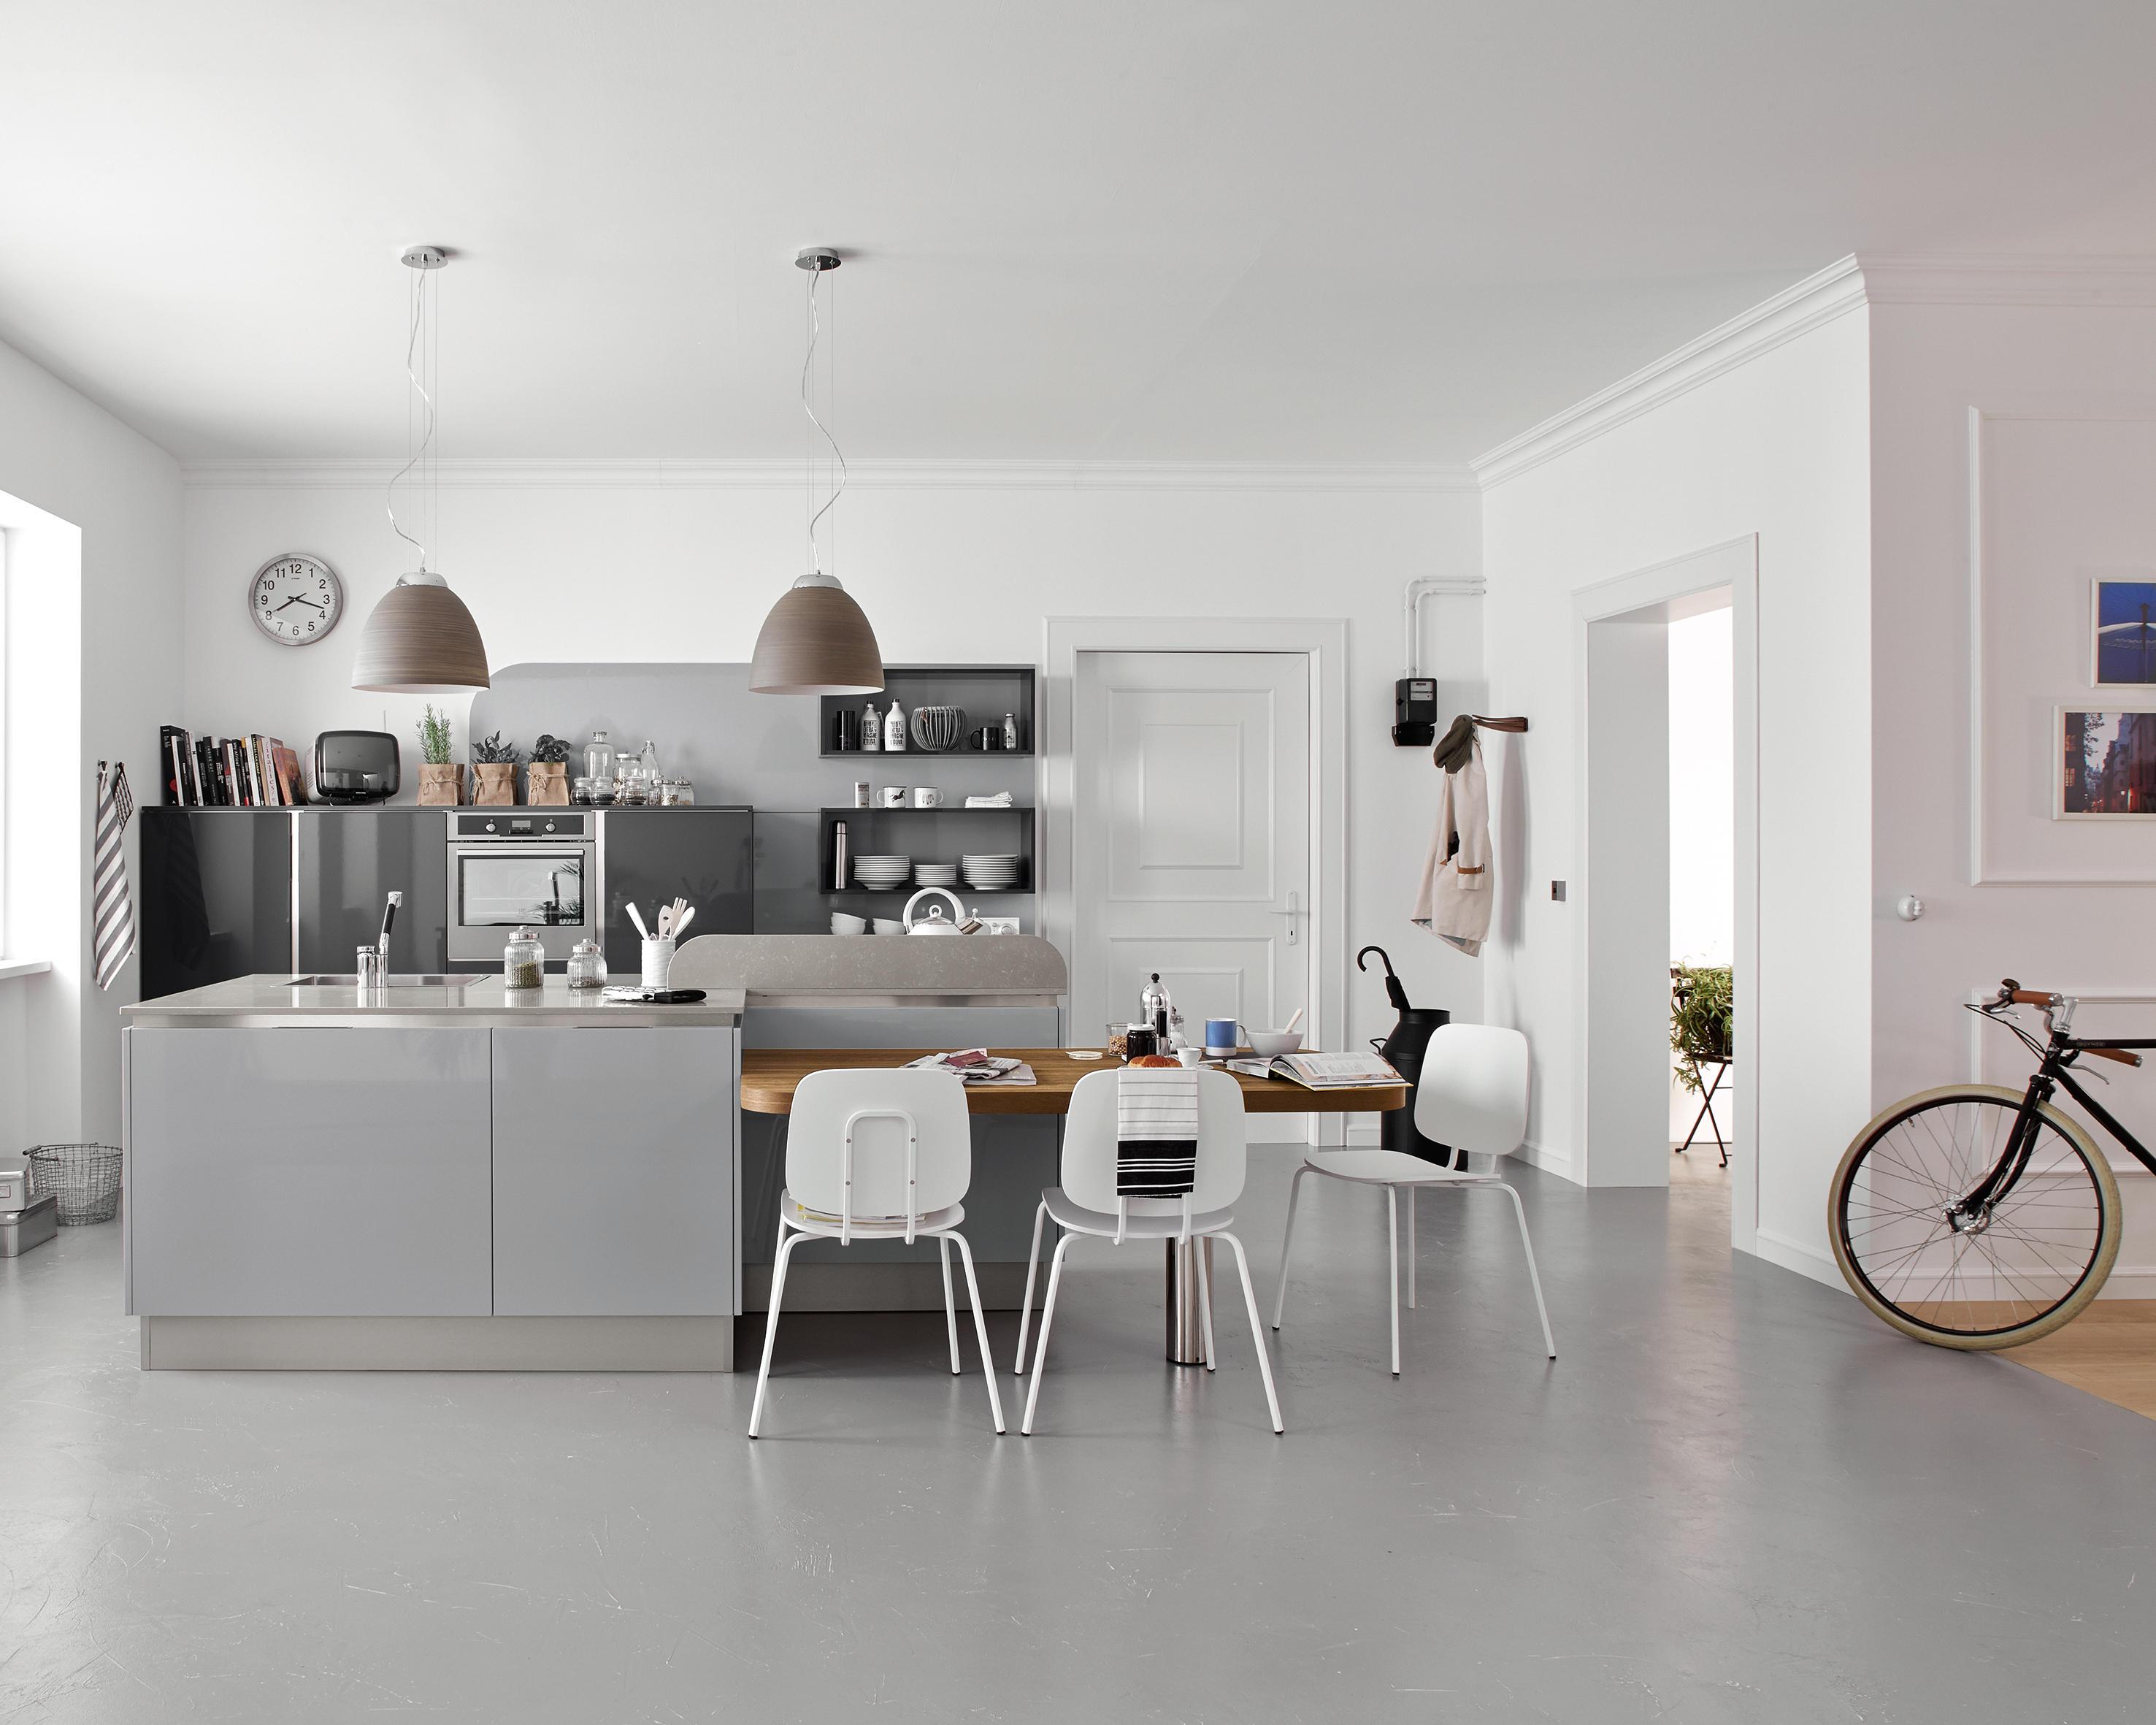 CARRERA.GO - Einbauküchen von Veneta Cucine | Architonic